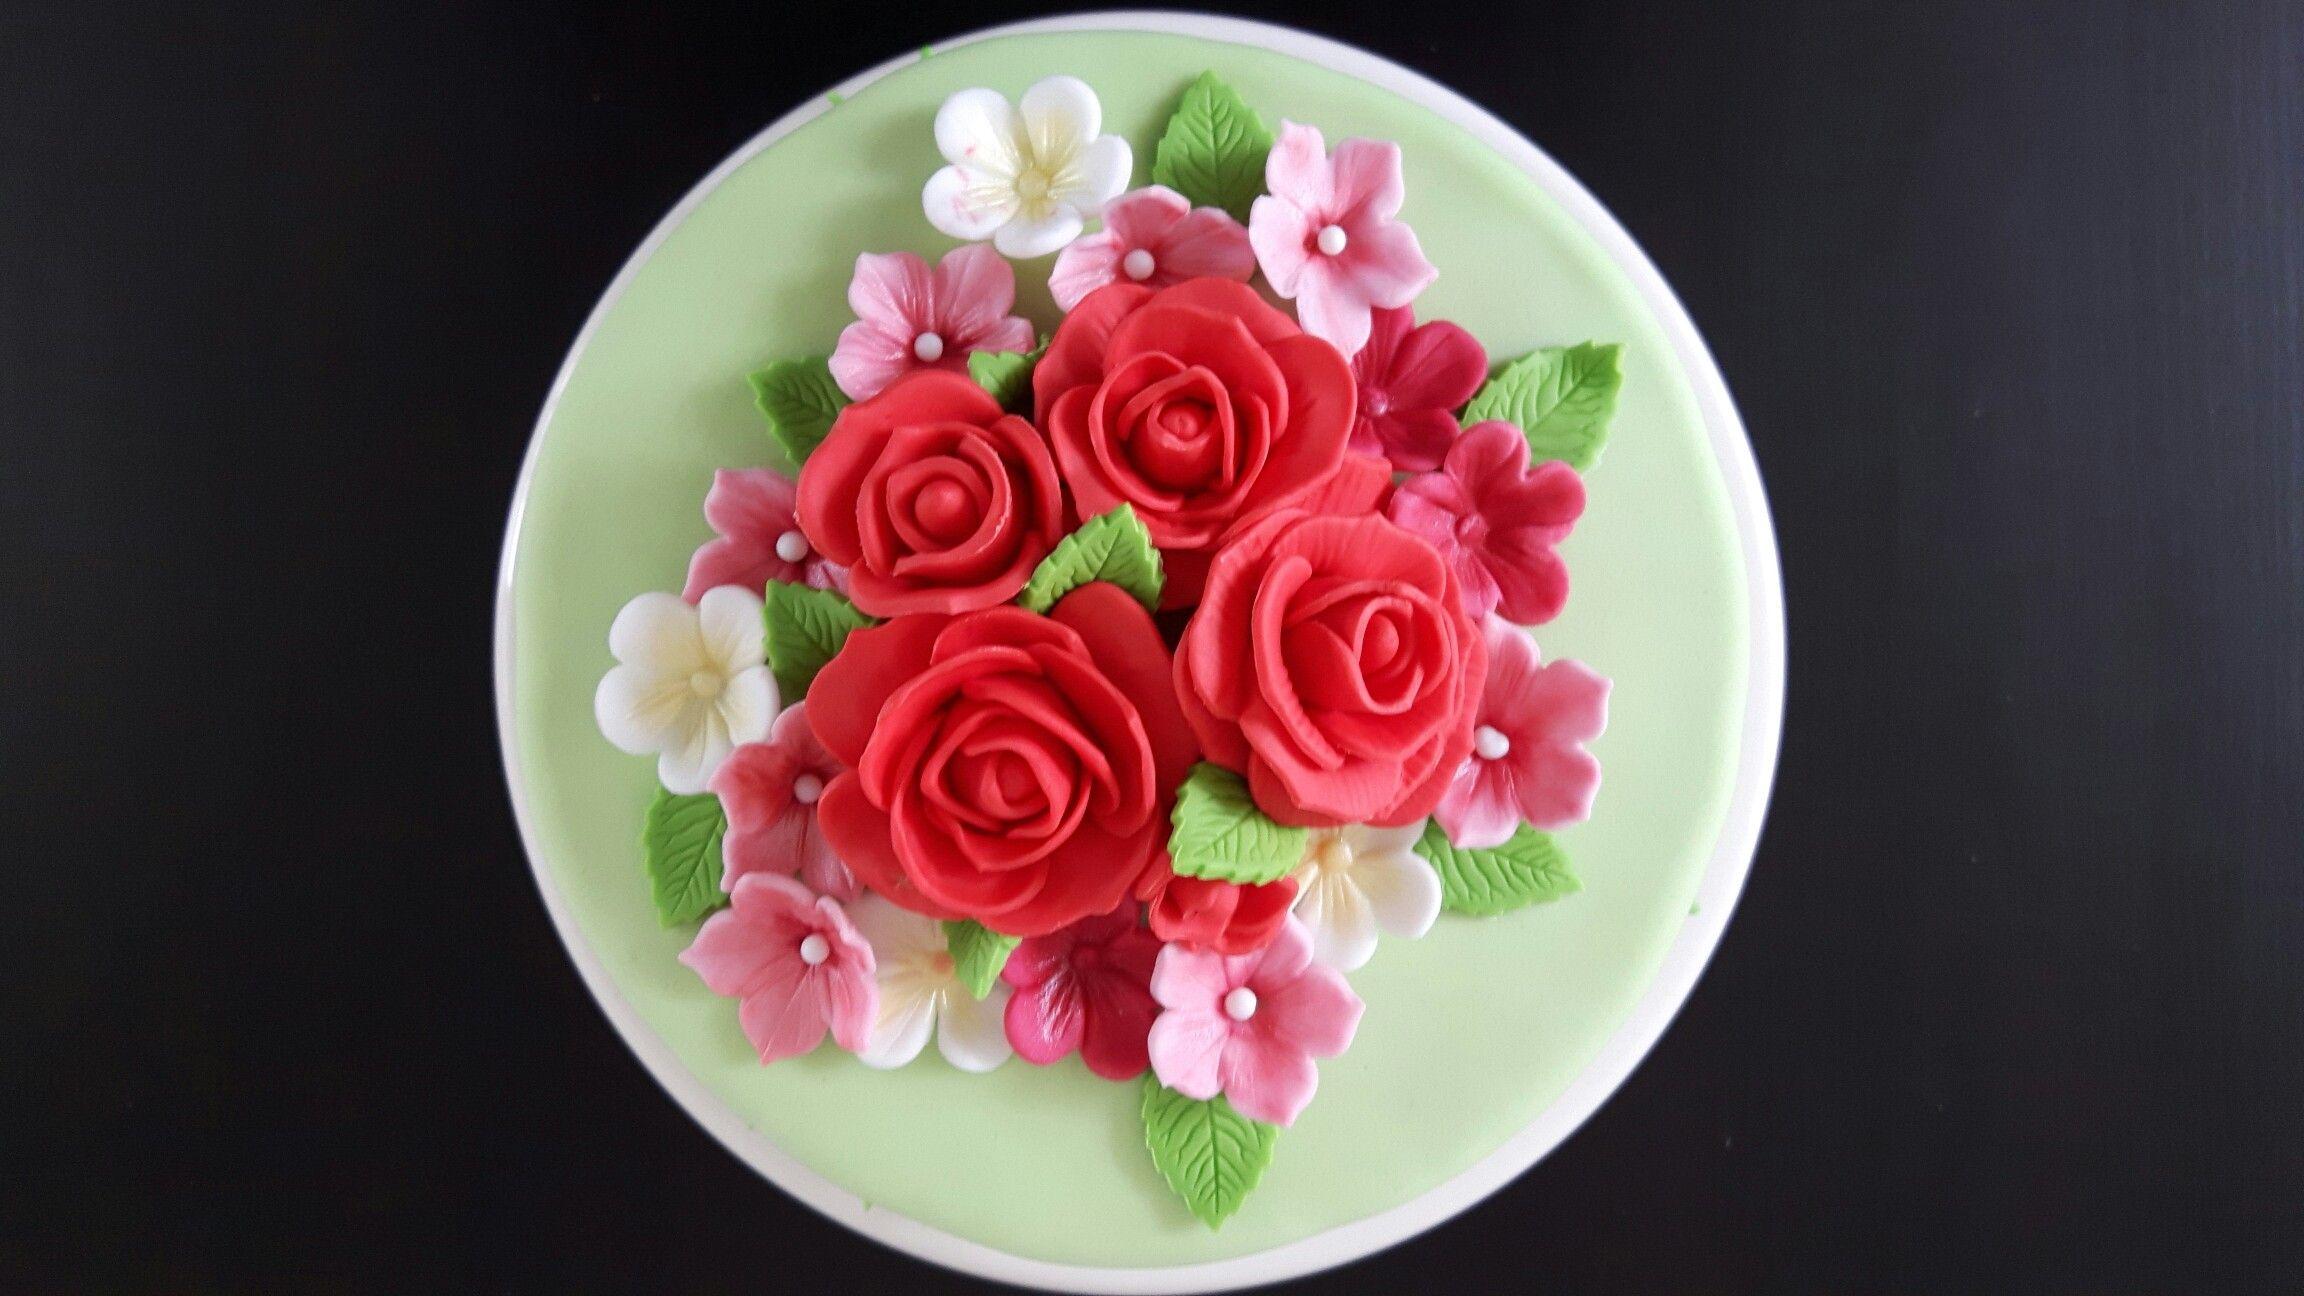 Bloemen taart, maart 2015   Taart